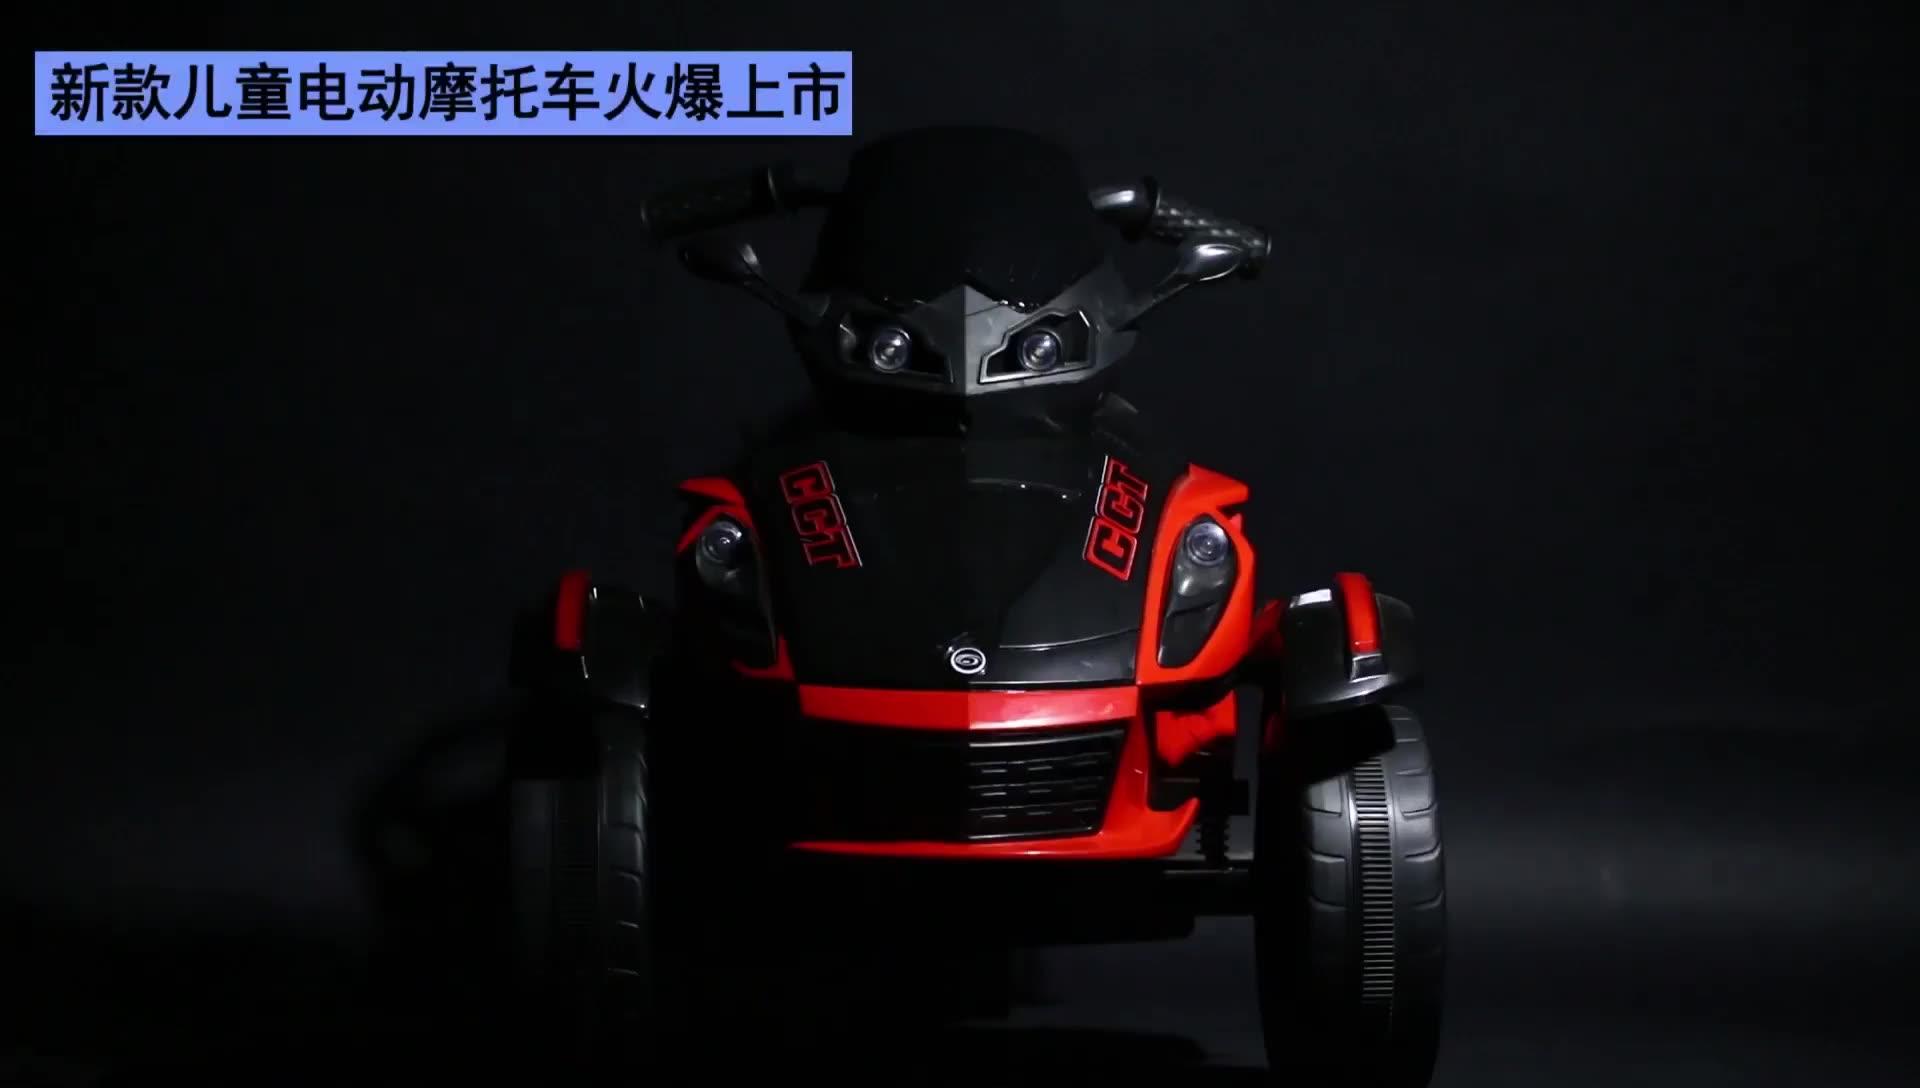 أطفال طاقة البطارية 3 عجلة دراجة ثلاثية العجلات/دراجة نارية للأطفال ركوب على اللعب المصنوعة في الصين